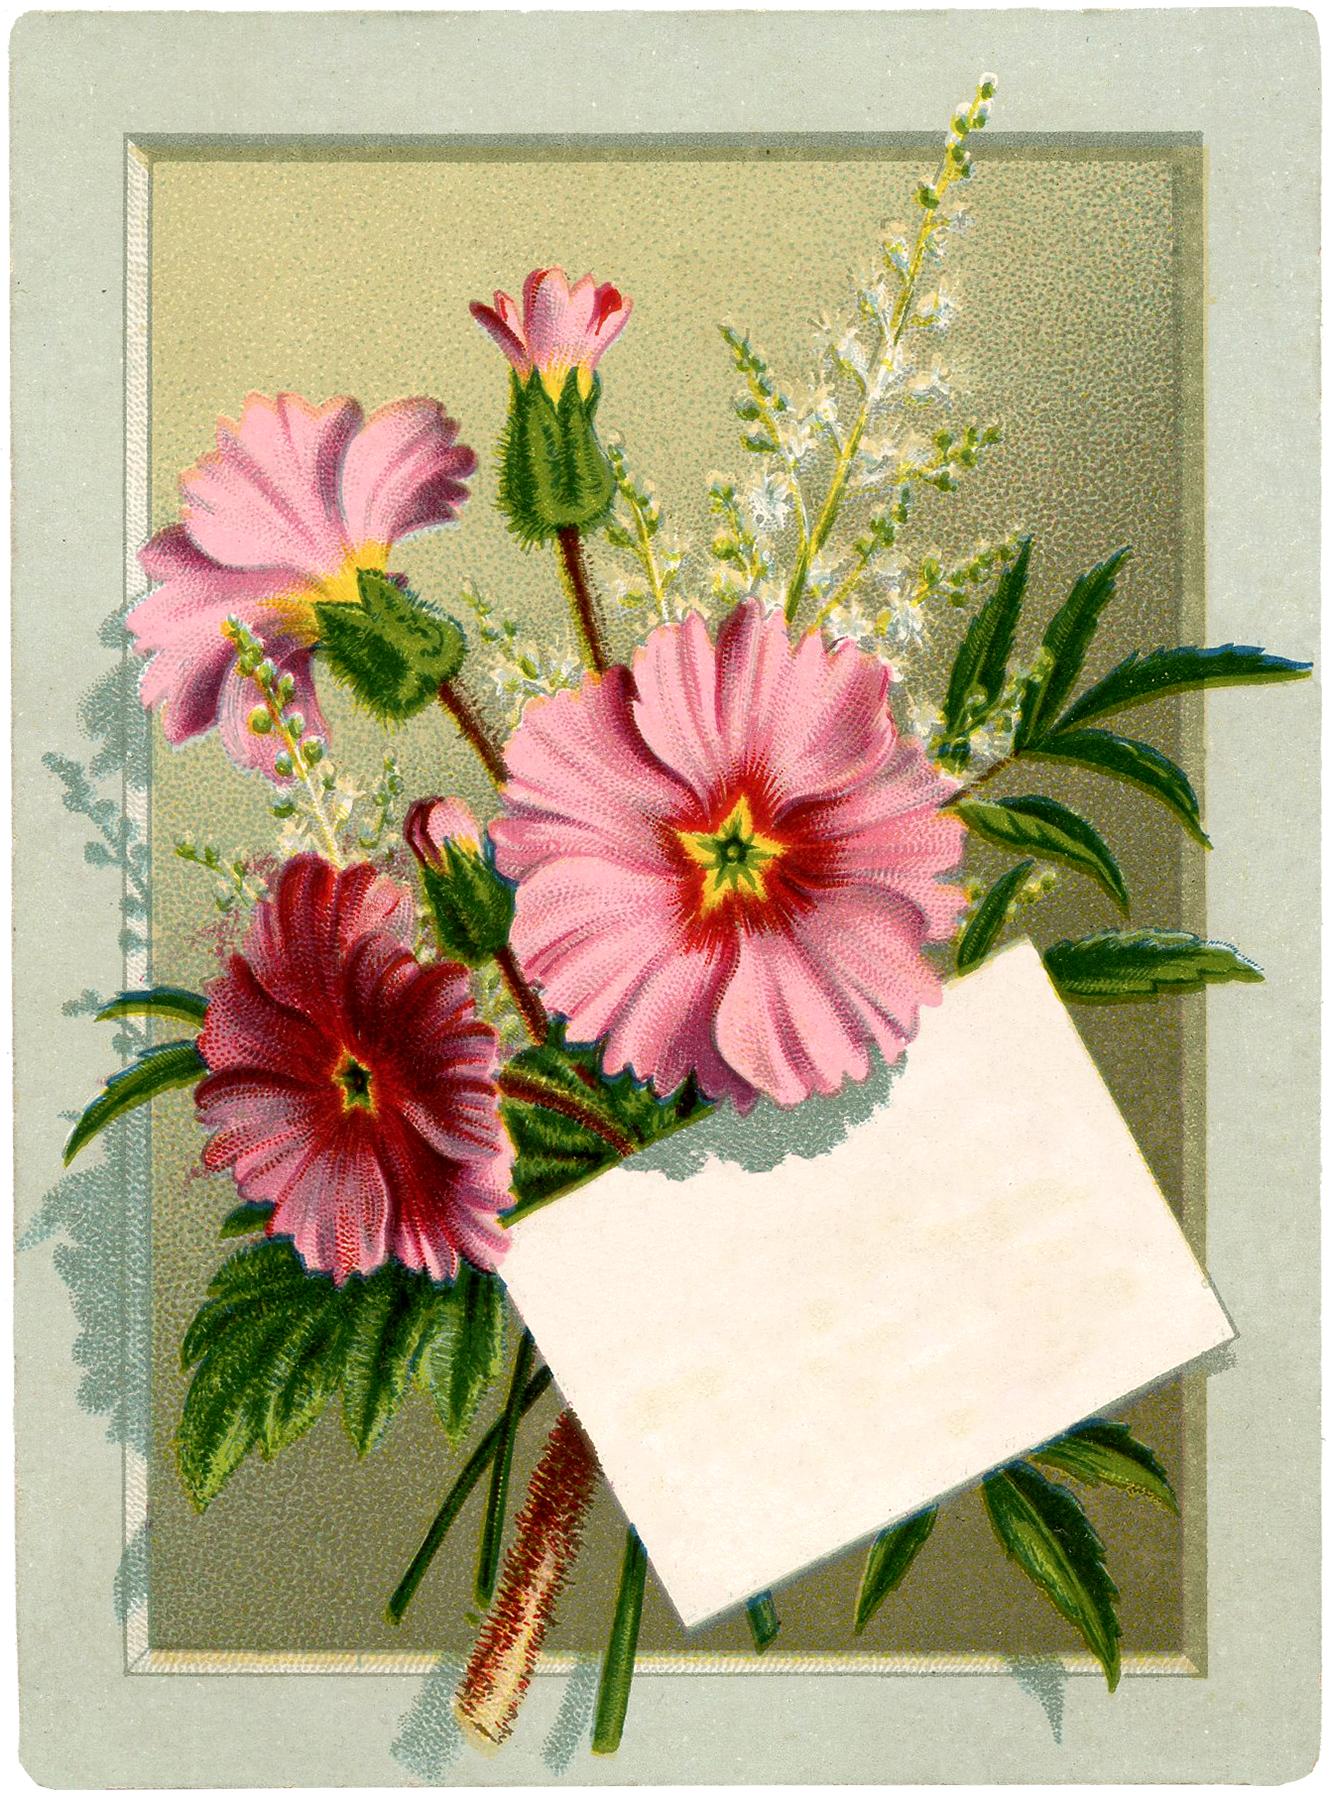 Vintage Floral Bouquet Label The Graphics Fairy